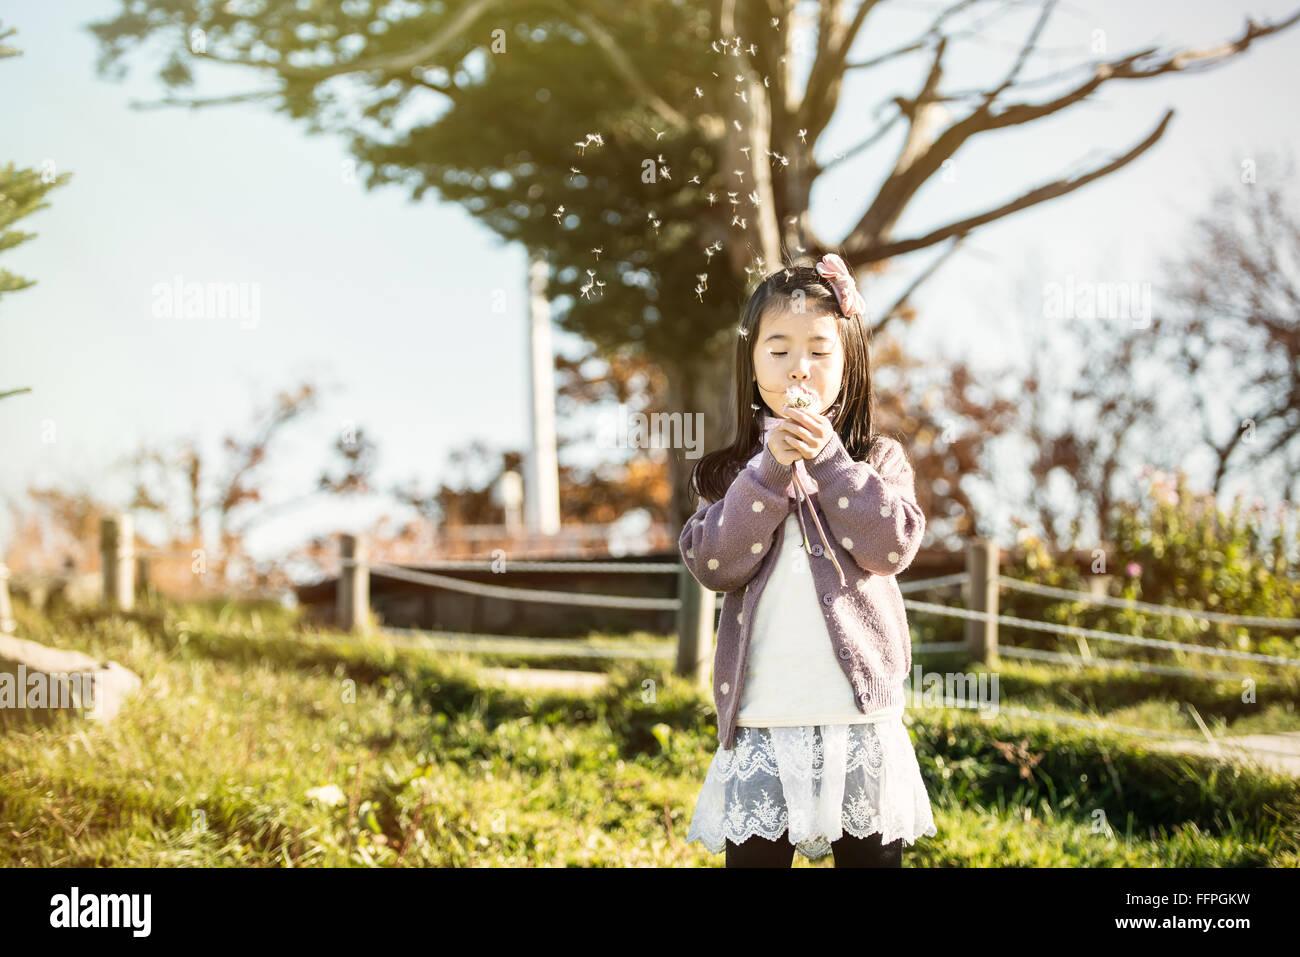 Asien, das Kind bläst einen Löwenzahn in einem Park. Stockbild